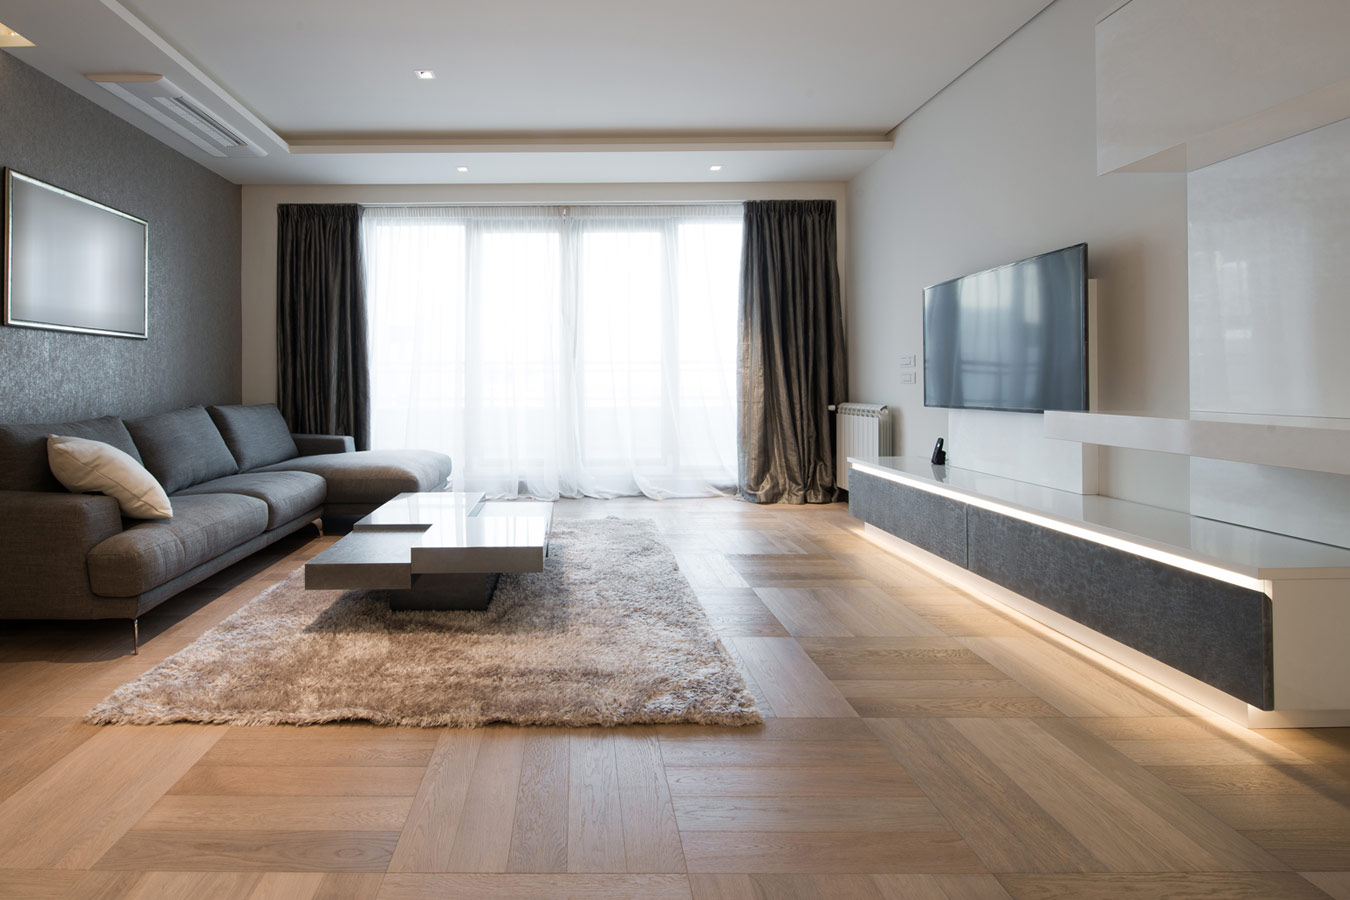 Woonkamer Tv Kast : Tv meubel op maat kopen tips inspiratie